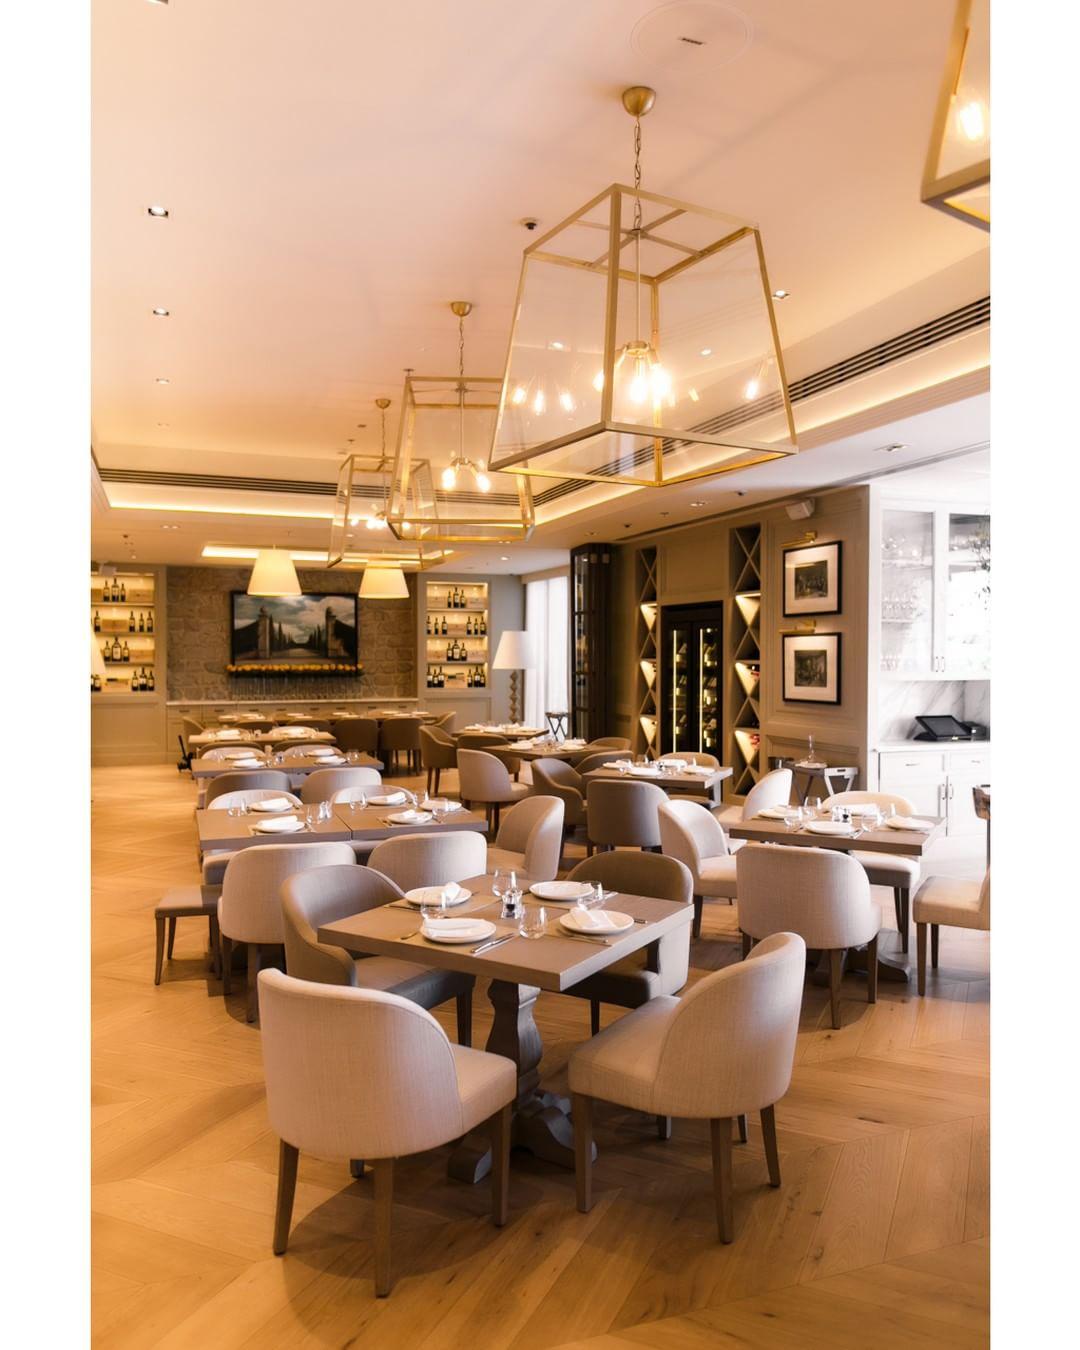 Best restaurants in Dubai: Il Borro Tuscan Bistro Dubai